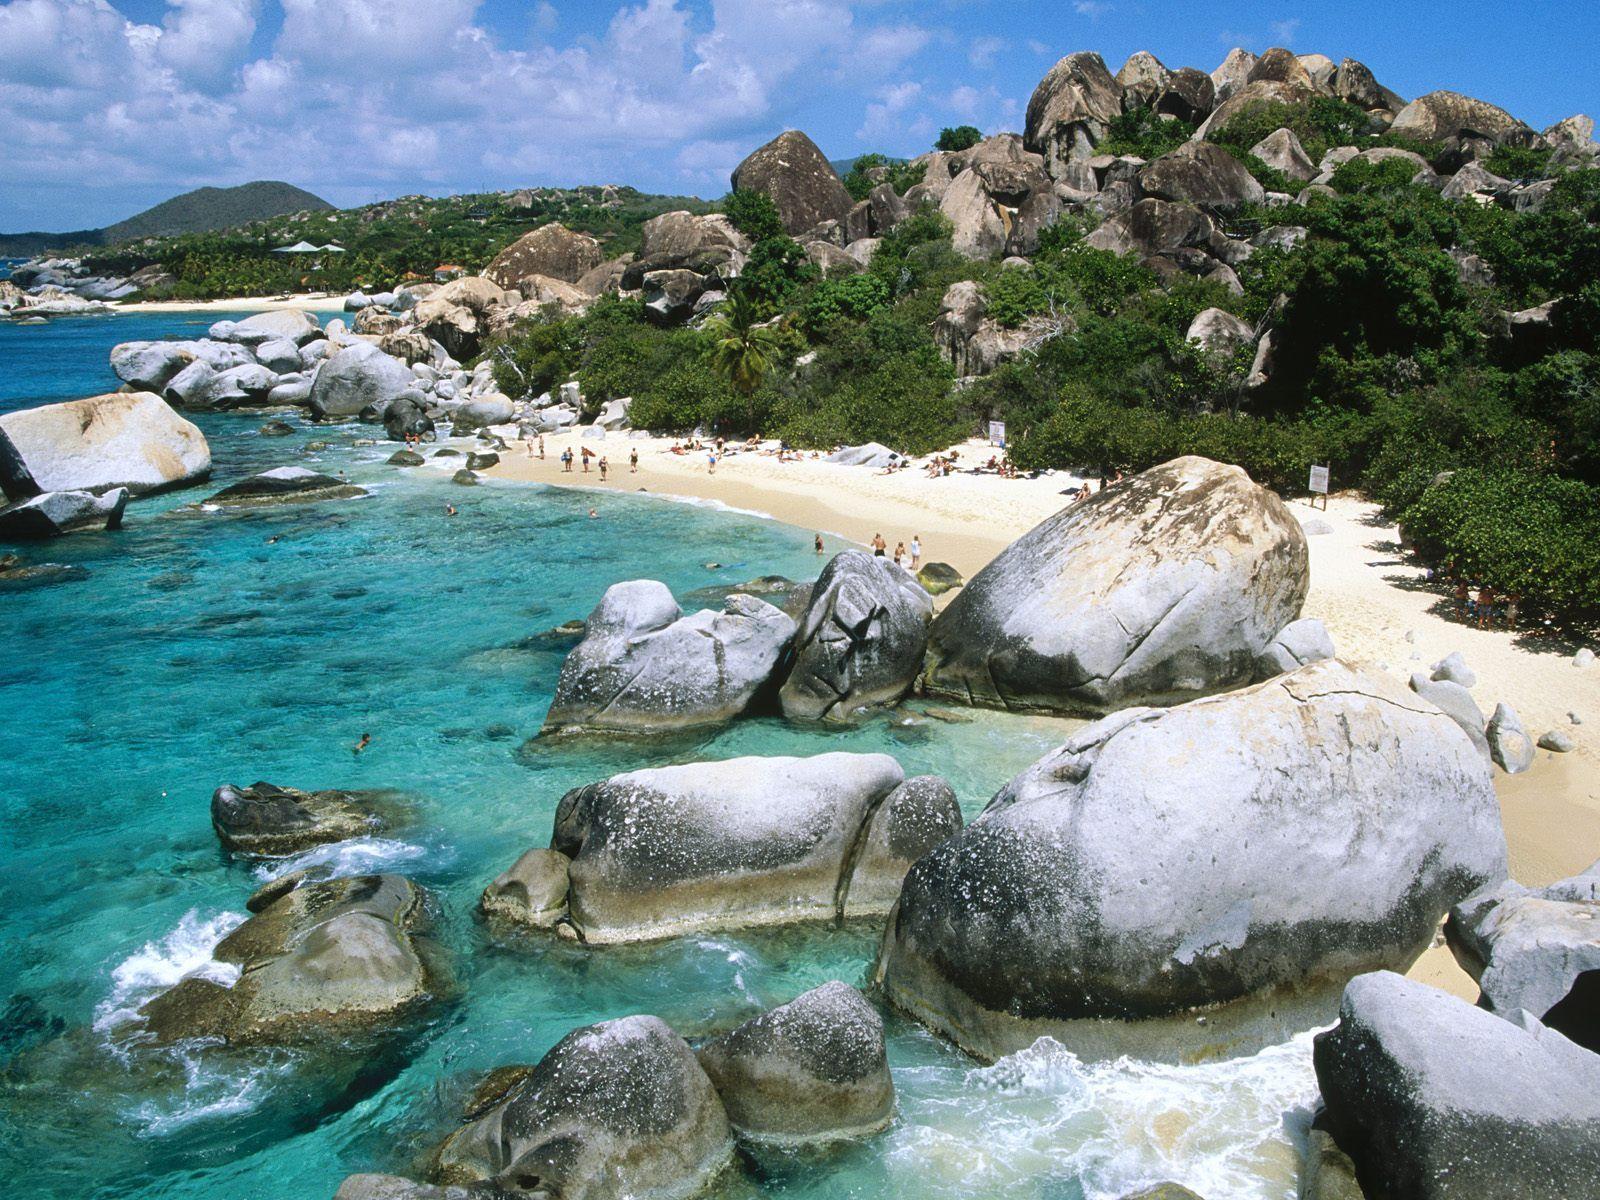 The Baths, Virgin Gorda, British Virgin Islands - Around